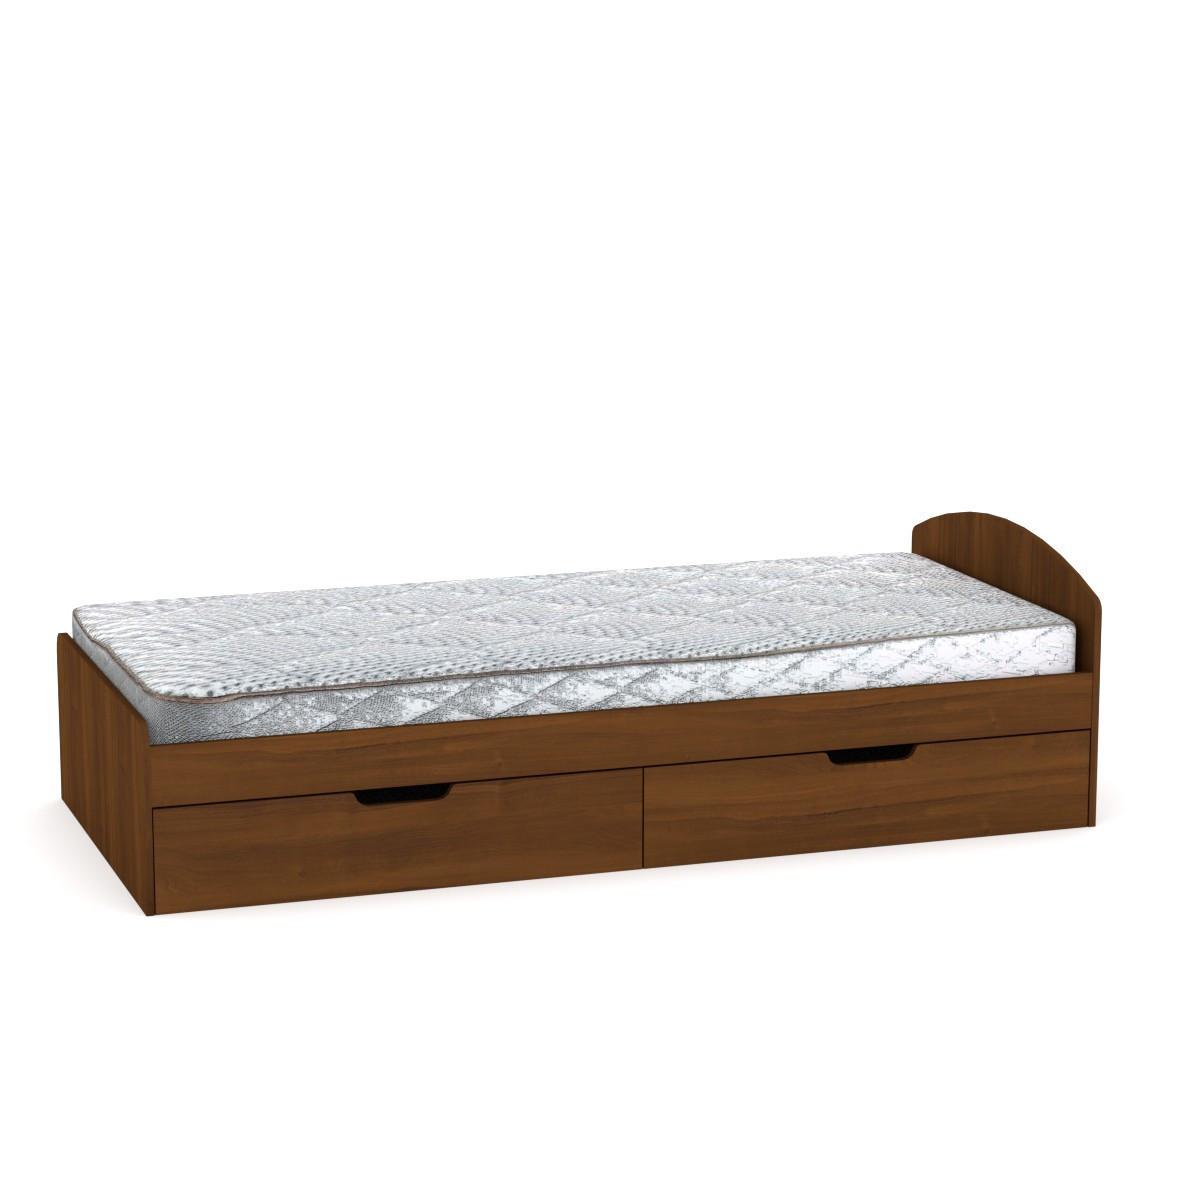 Кровать 90+2 орех экко Компанит (94х204х95 см)